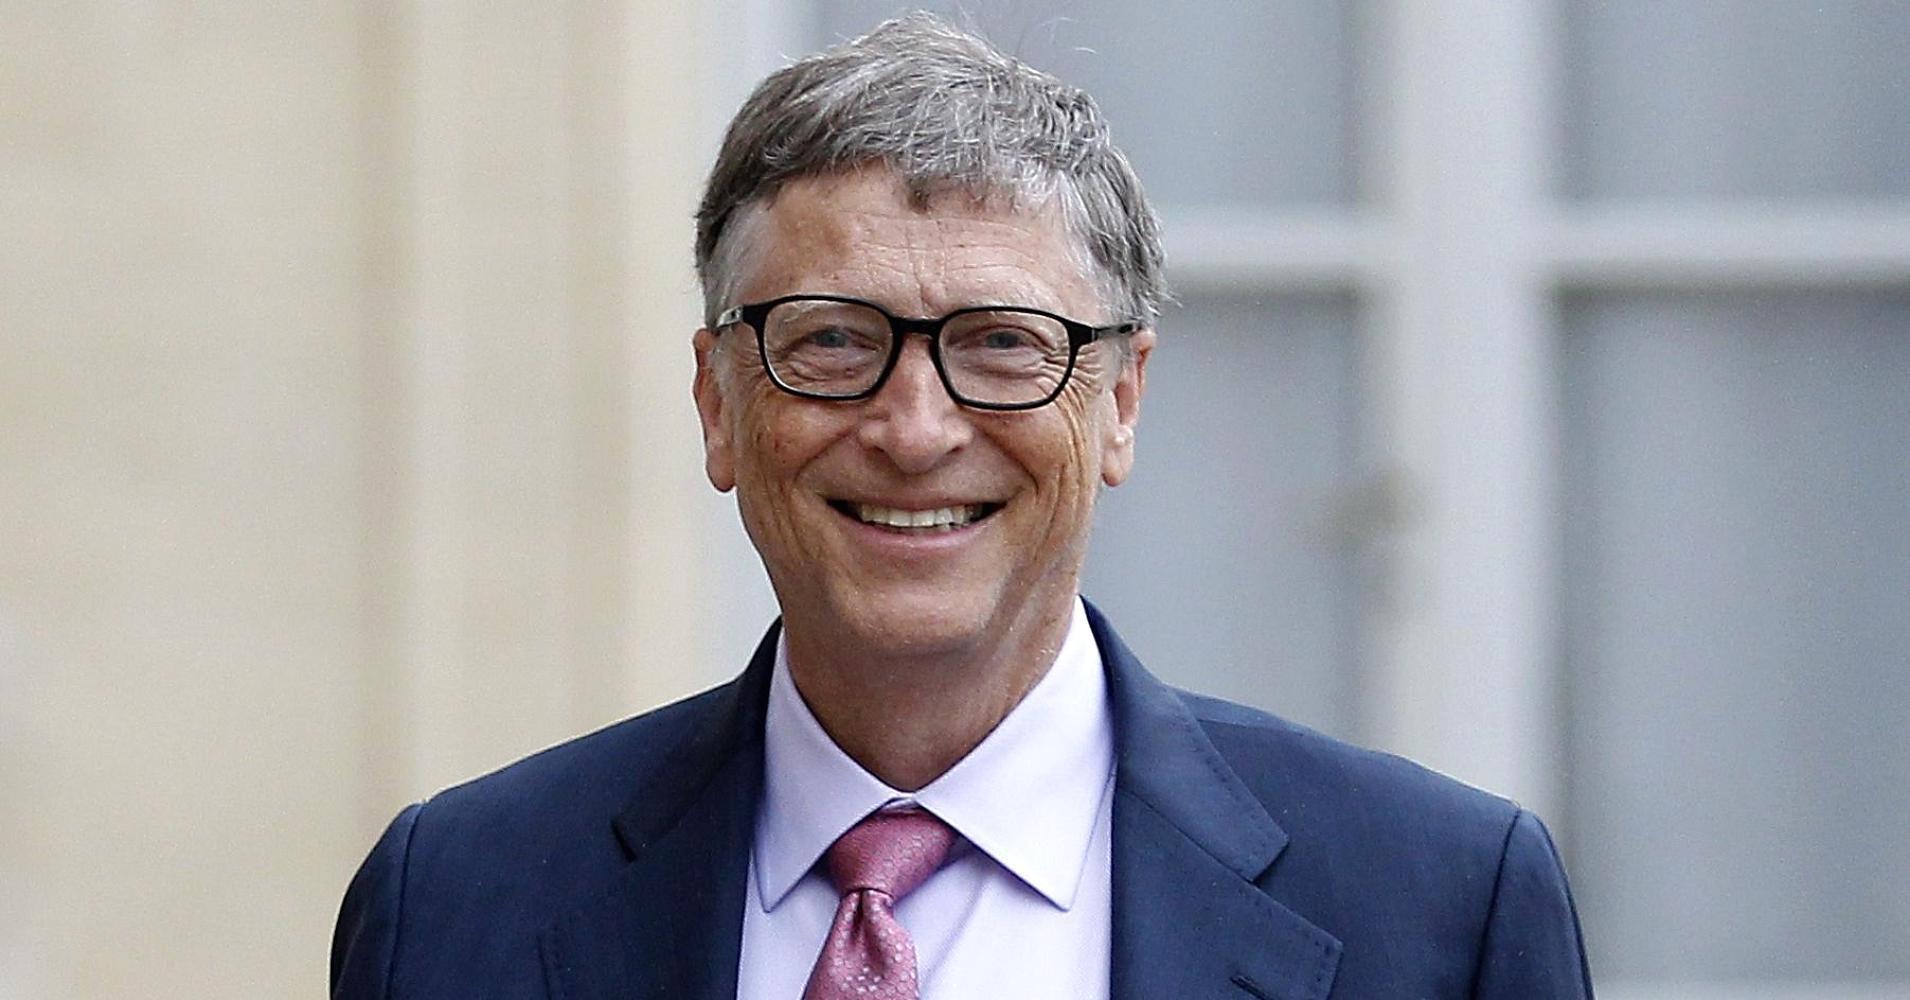 Sì Bill Gates è il più ricco di tutti. Cos'altro dice il Bloomberg Billionaires Index